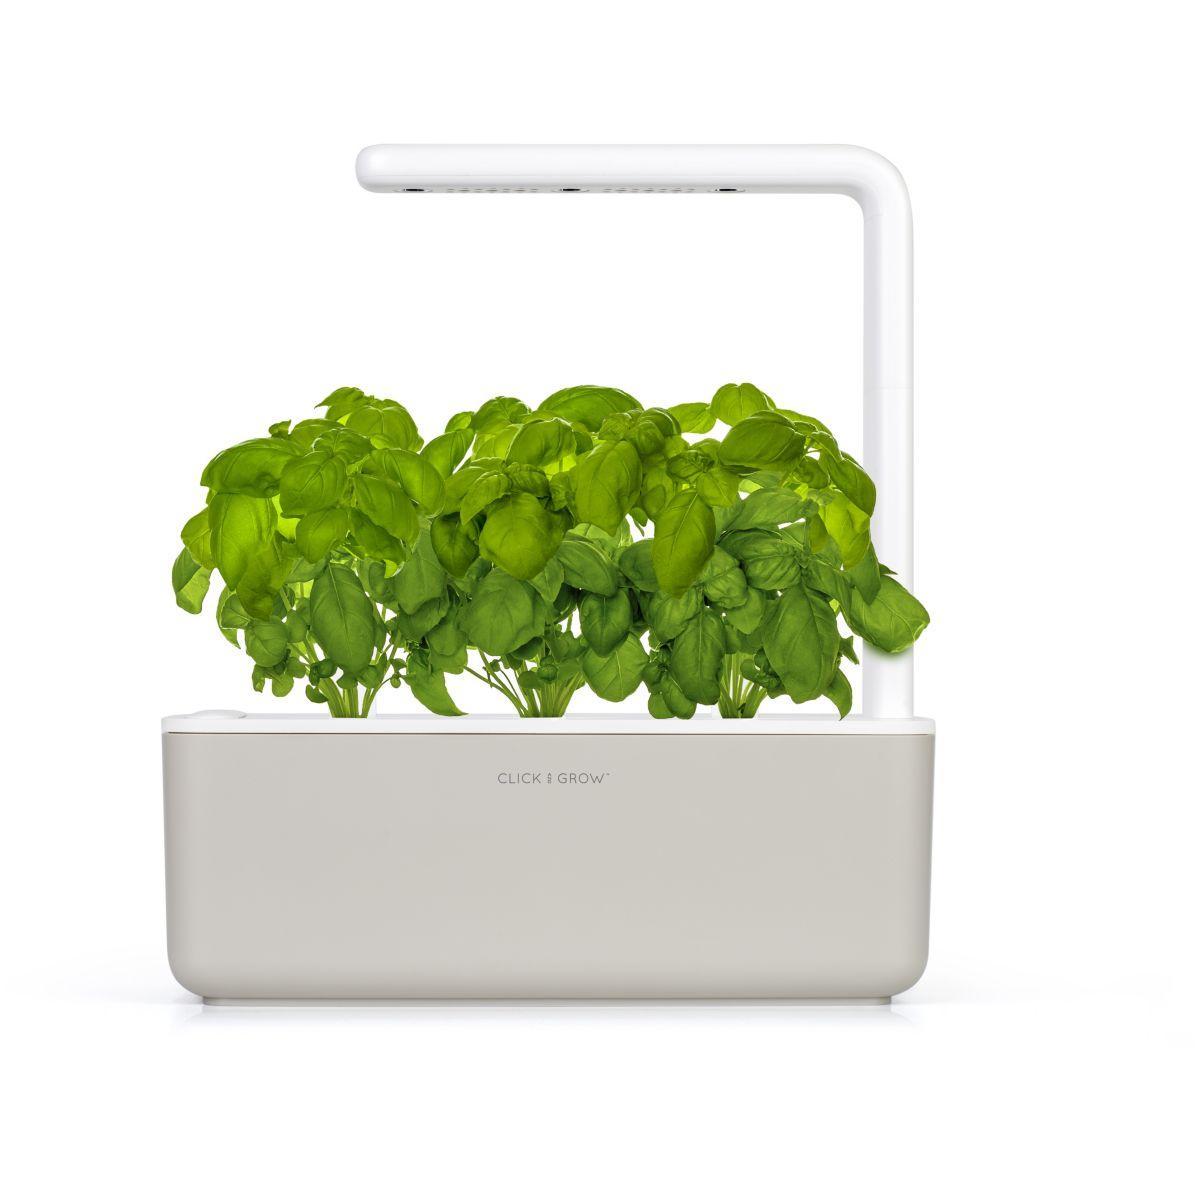 Jardin d'int�rieur click and grow smart garden 3 beige - 7% de remise imm�diate avec le code : automne7 (photo)